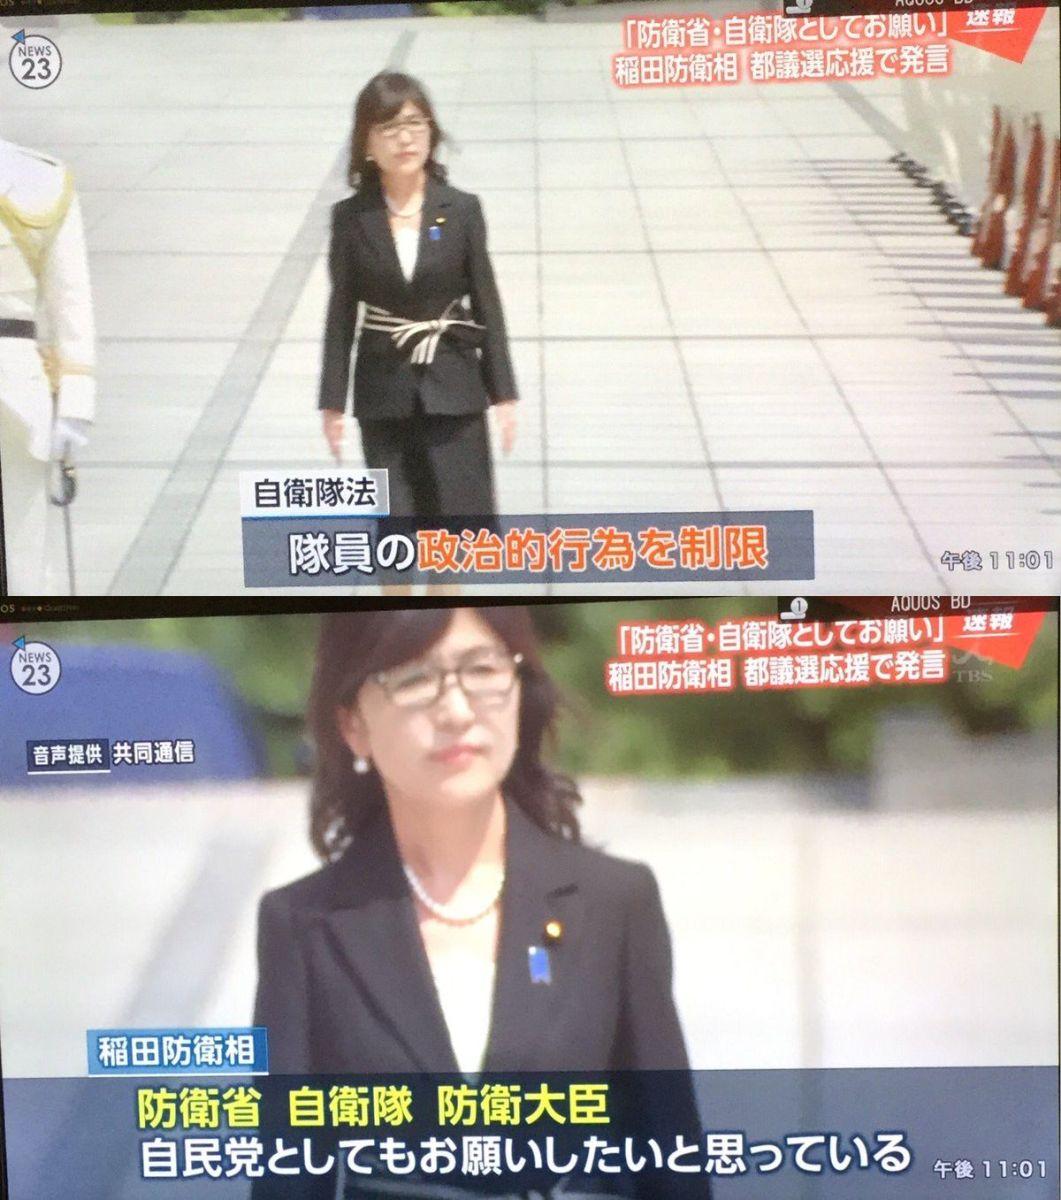 【もういやだ】稲田防衛相が都議選の応援で「防衛省、自衛隊、防衛大臣としてもお願いしたい」のトンデモ発言!